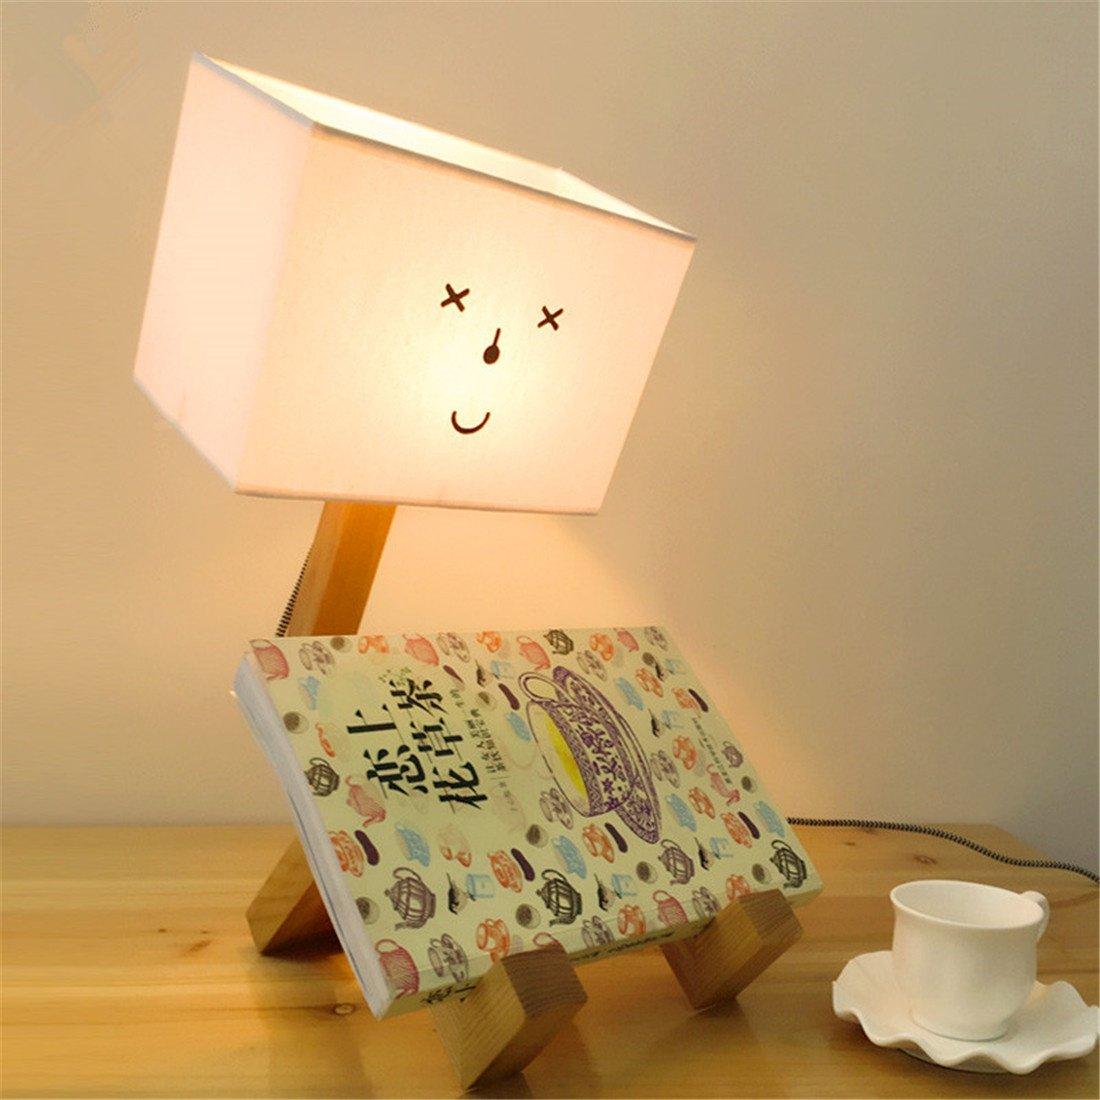 24 cm HONGLI Nordic LED Massivholz Einfache Moderne Kreative Mode Fantasie Warm Schöne Romantische Dekor Persönlichkeit Tischlampe Schlafzimmer Nachttisch Kinderzimmer 12 17